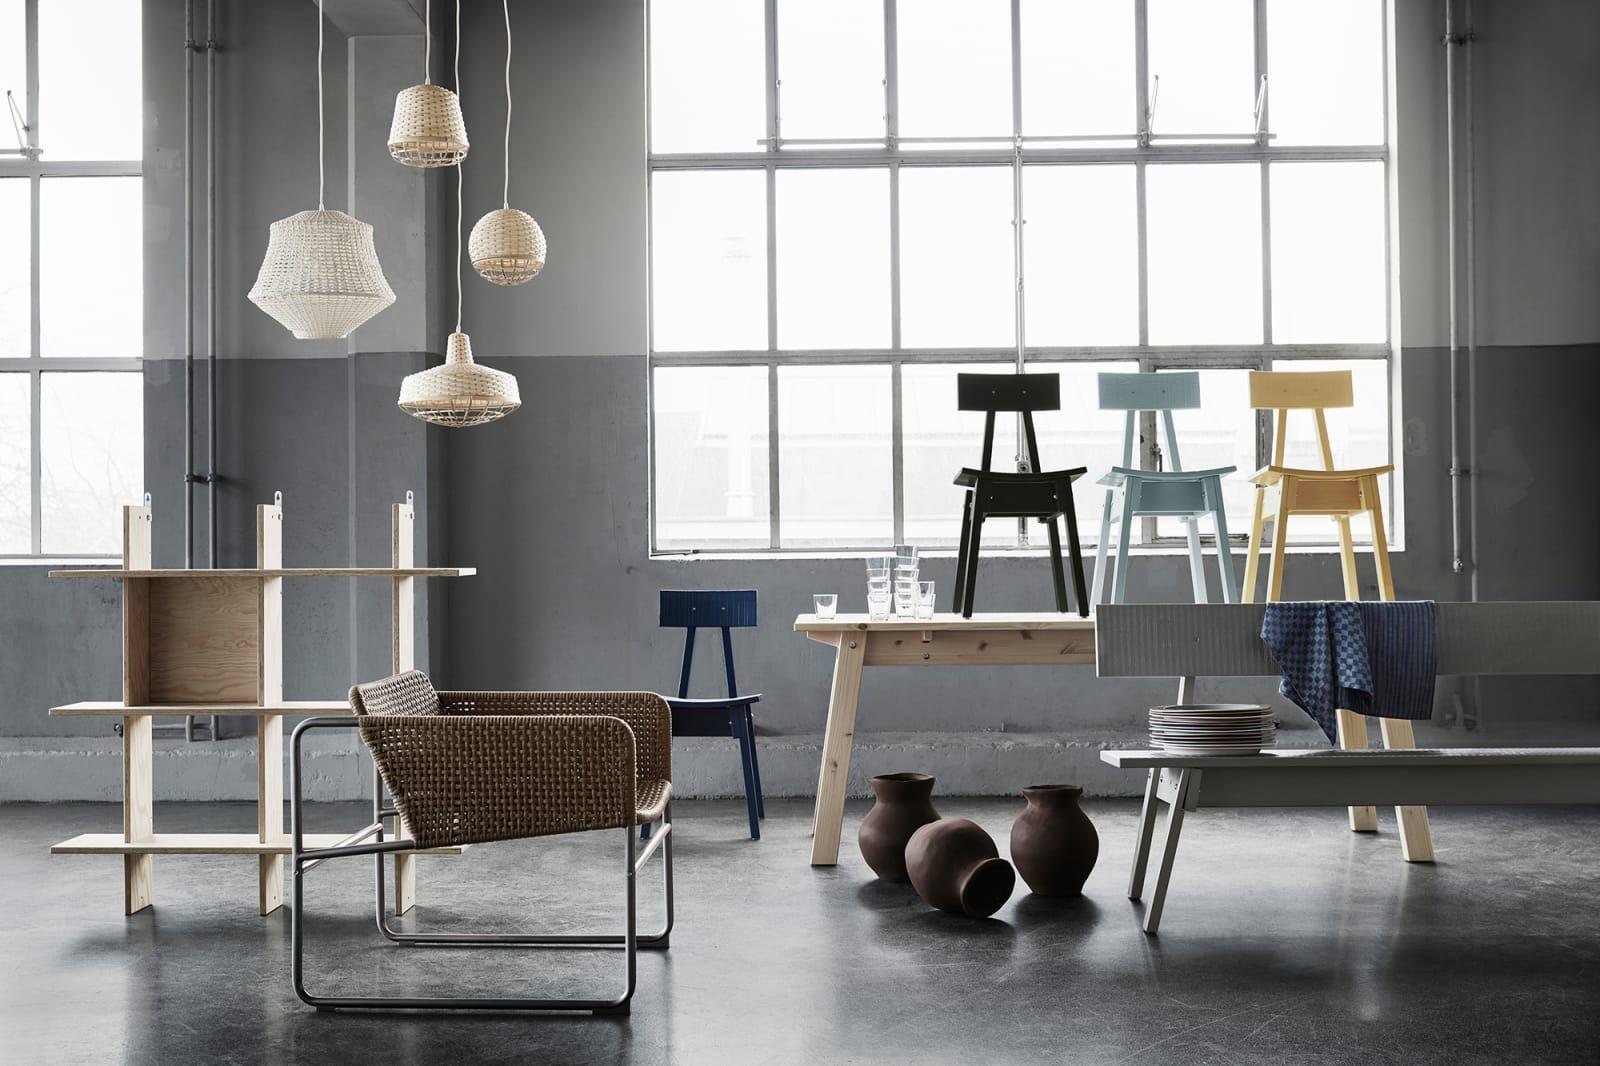 Piet Hein Eek für IKEA | Piet hein eek